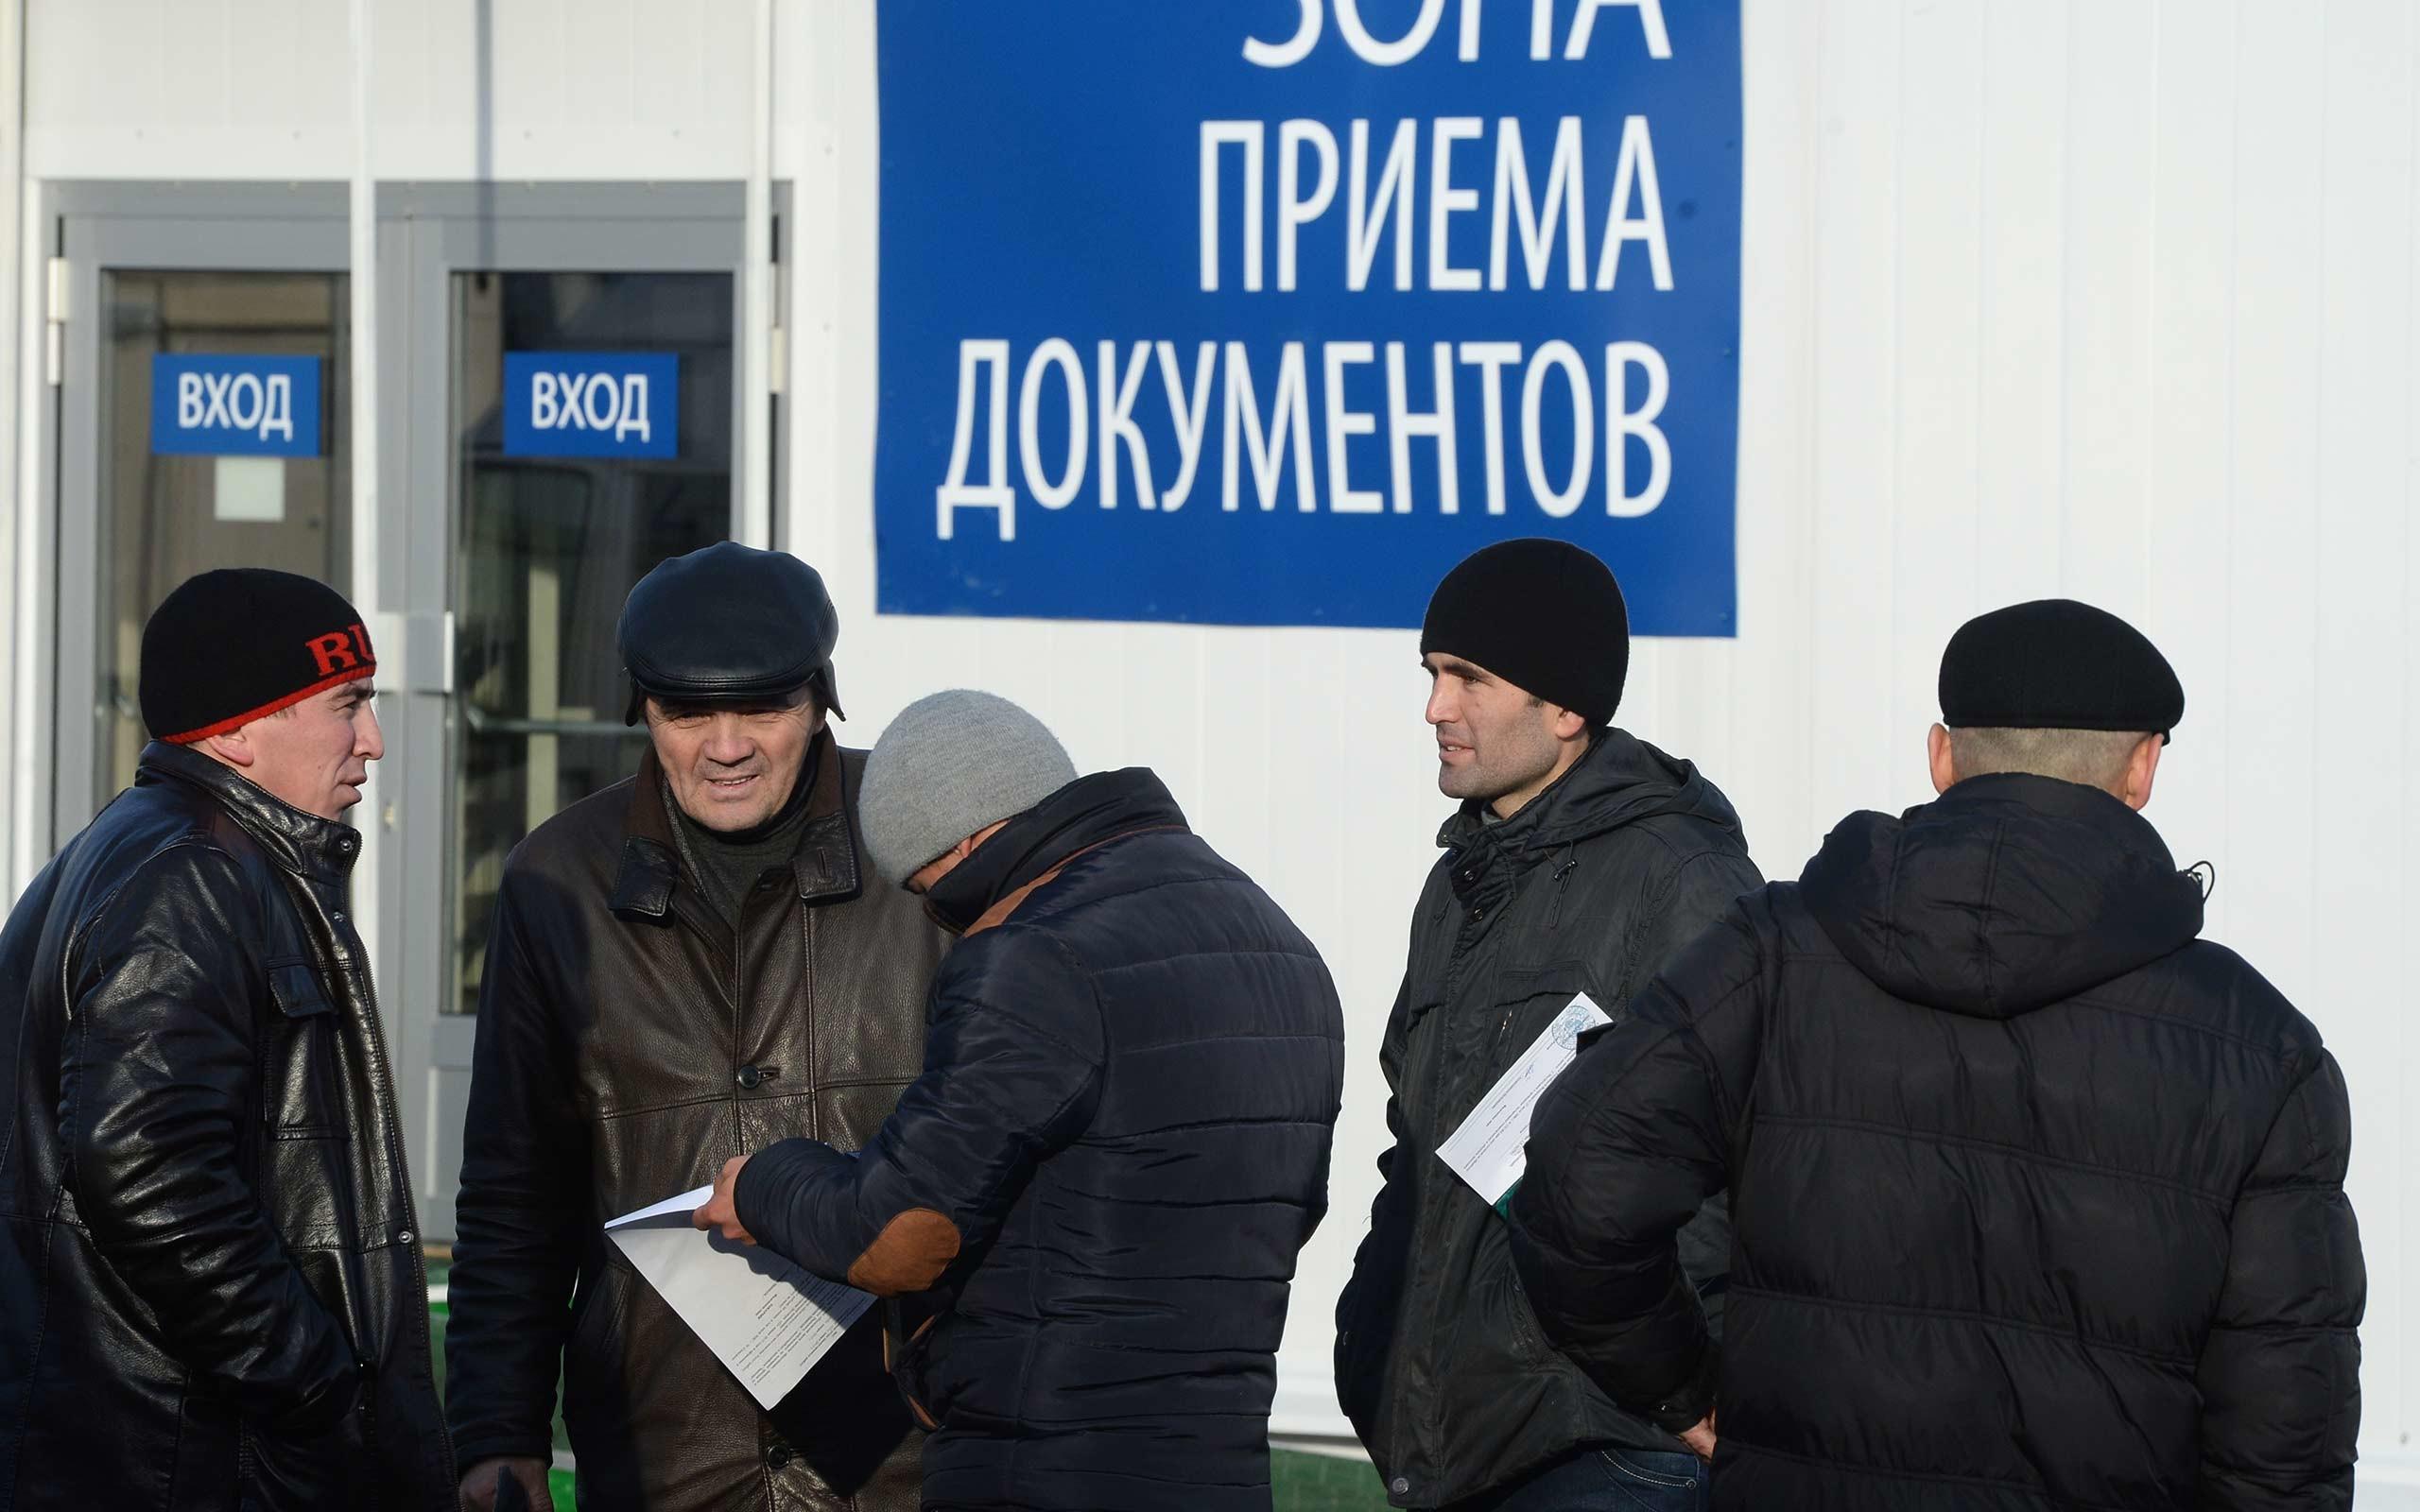 Фото:© РИА Новости/Михаил Воскресенский